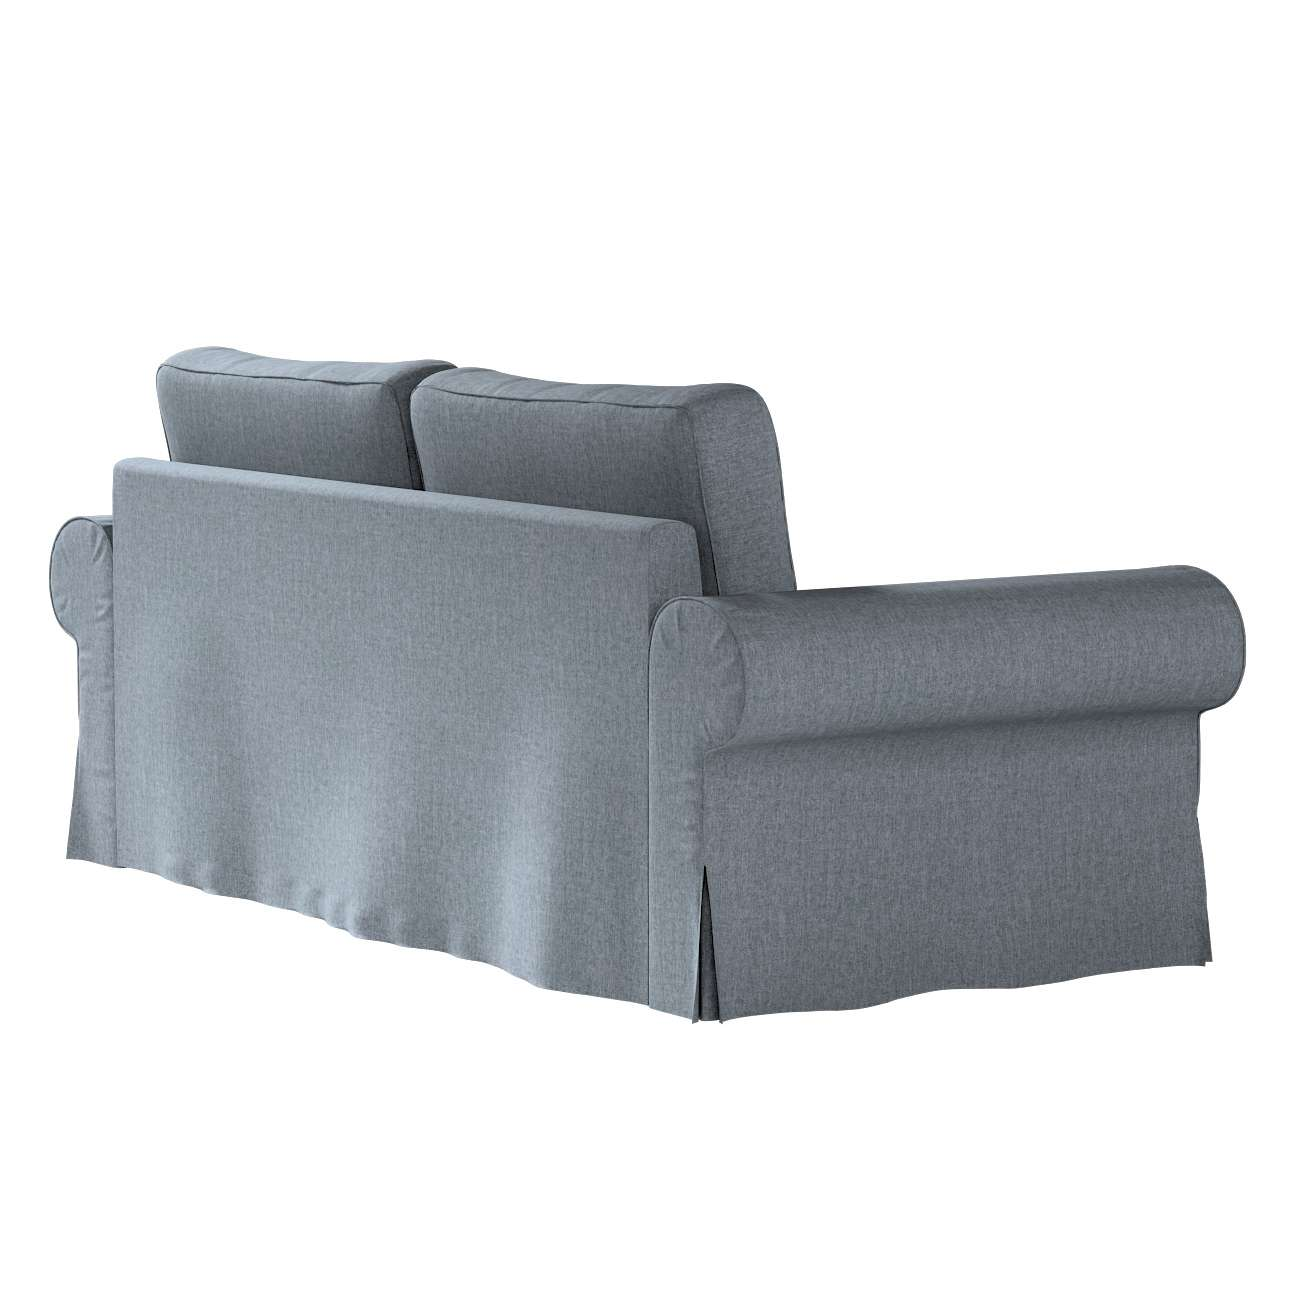 Pokrowiec na sofę Backabro 3-osobową rozkładaną w kolekcji City, tkanina: 704-86